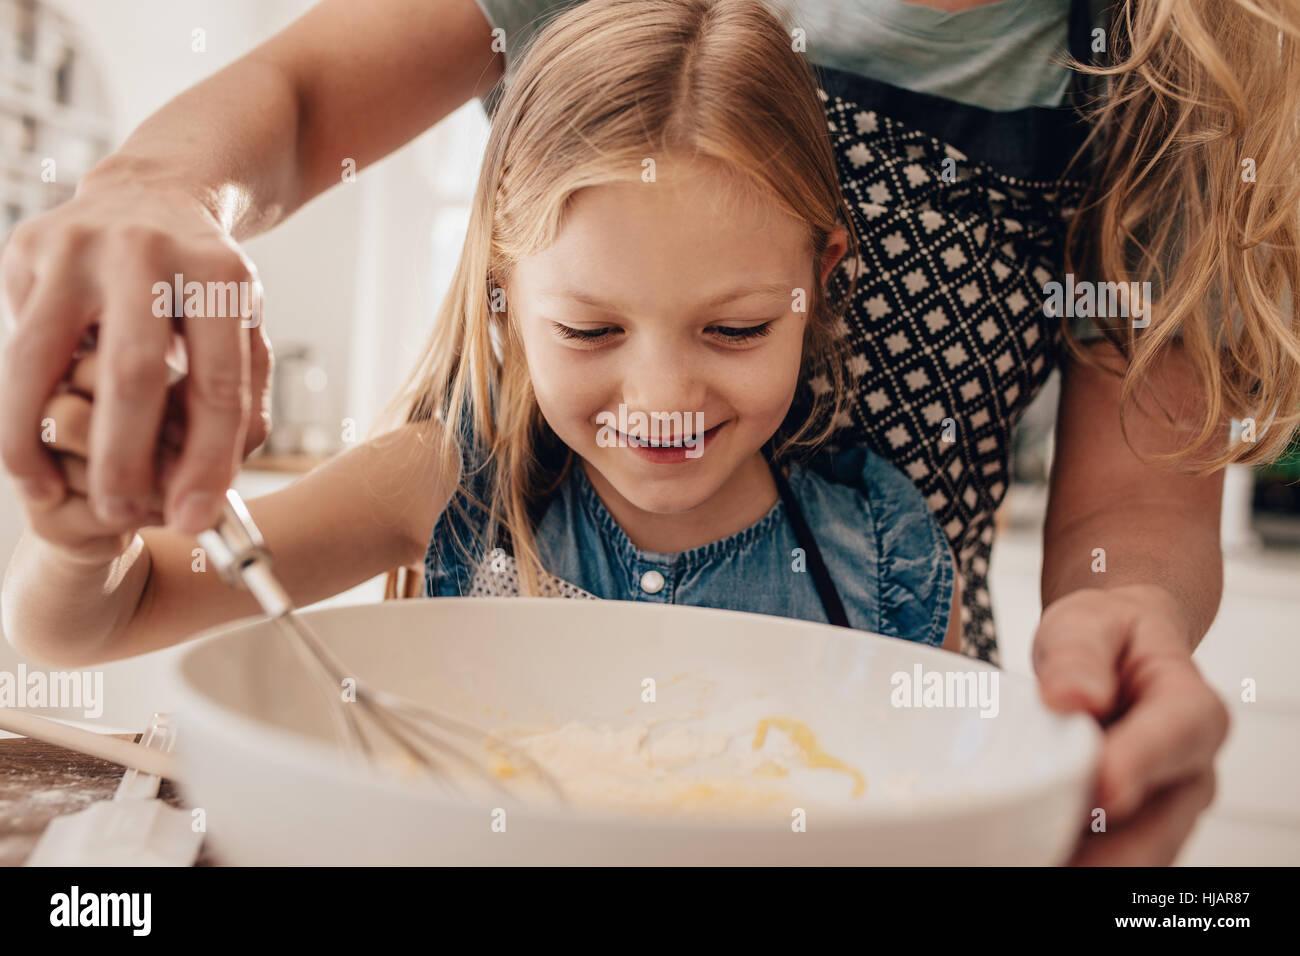 Schöne kleine Mädchen mit ihrer Mutter mischen Teig in Schüssel und lächelnd. Mutter und Tochter Stockbild